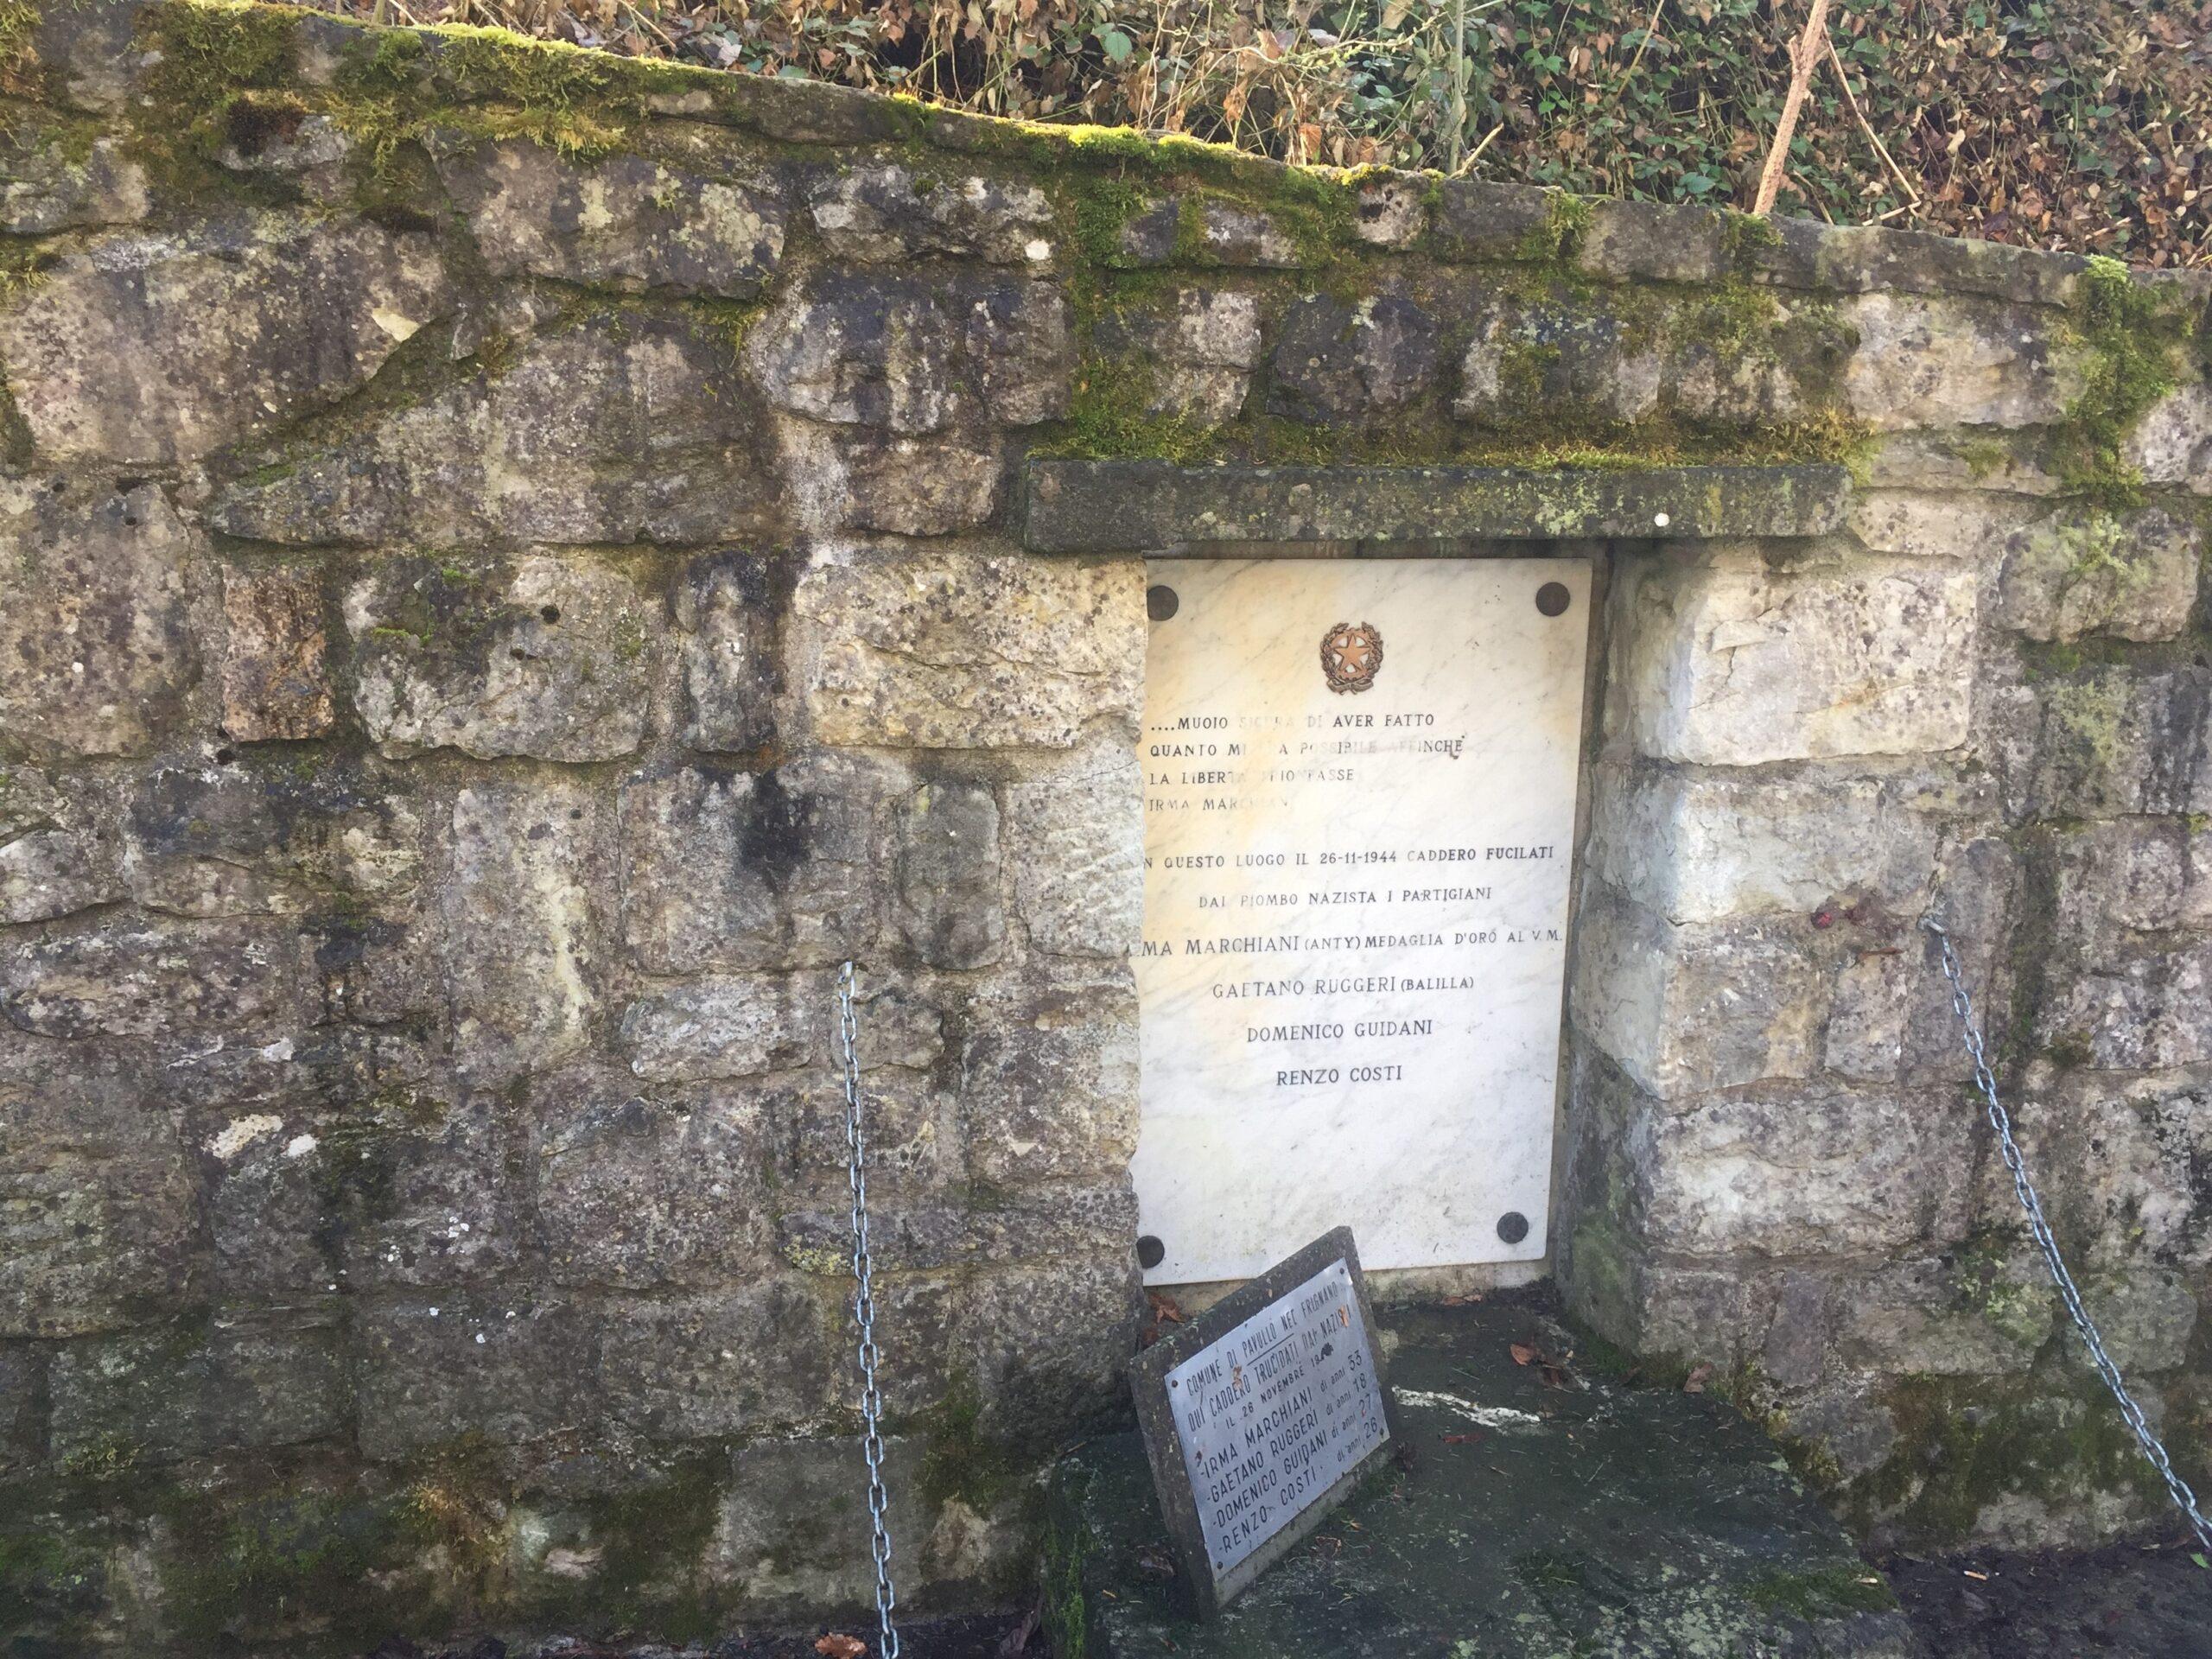 Il luogo della fucilazione di Irma Marchiani, Renzo Costi, Domenico Guidani e Gaetano Ruggeri è oggi indicato da un monumento